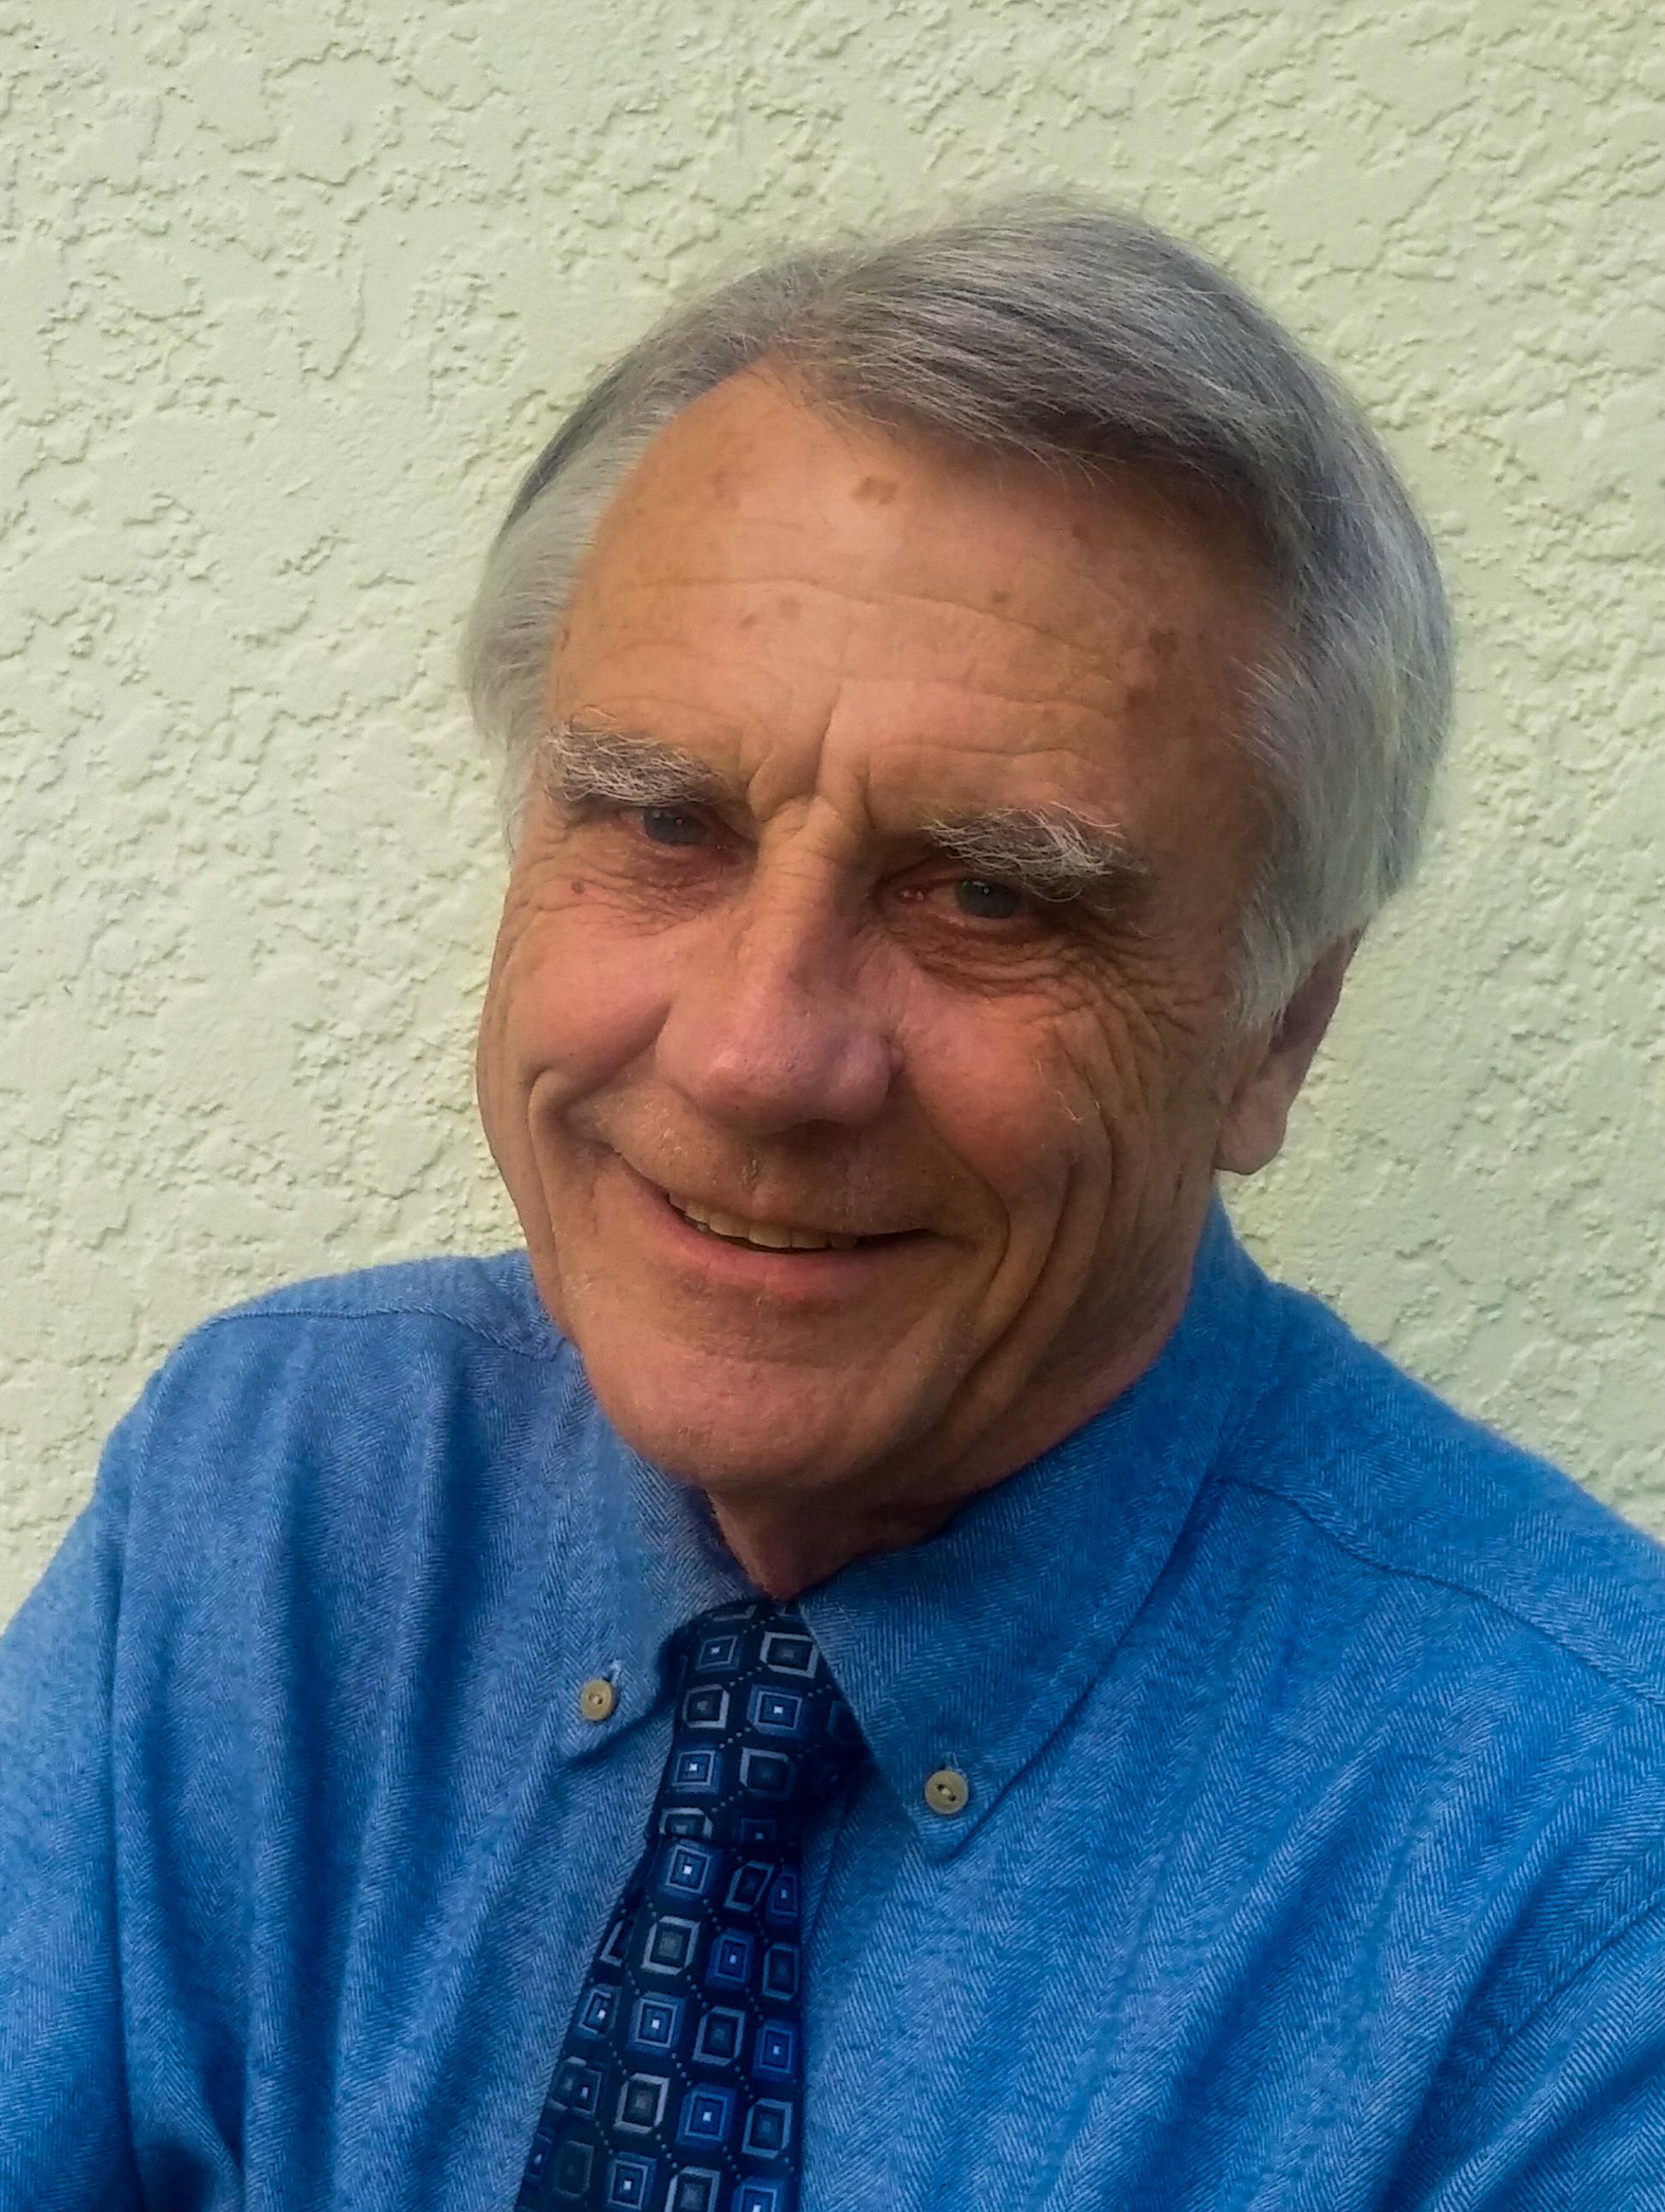 Stephen Combs